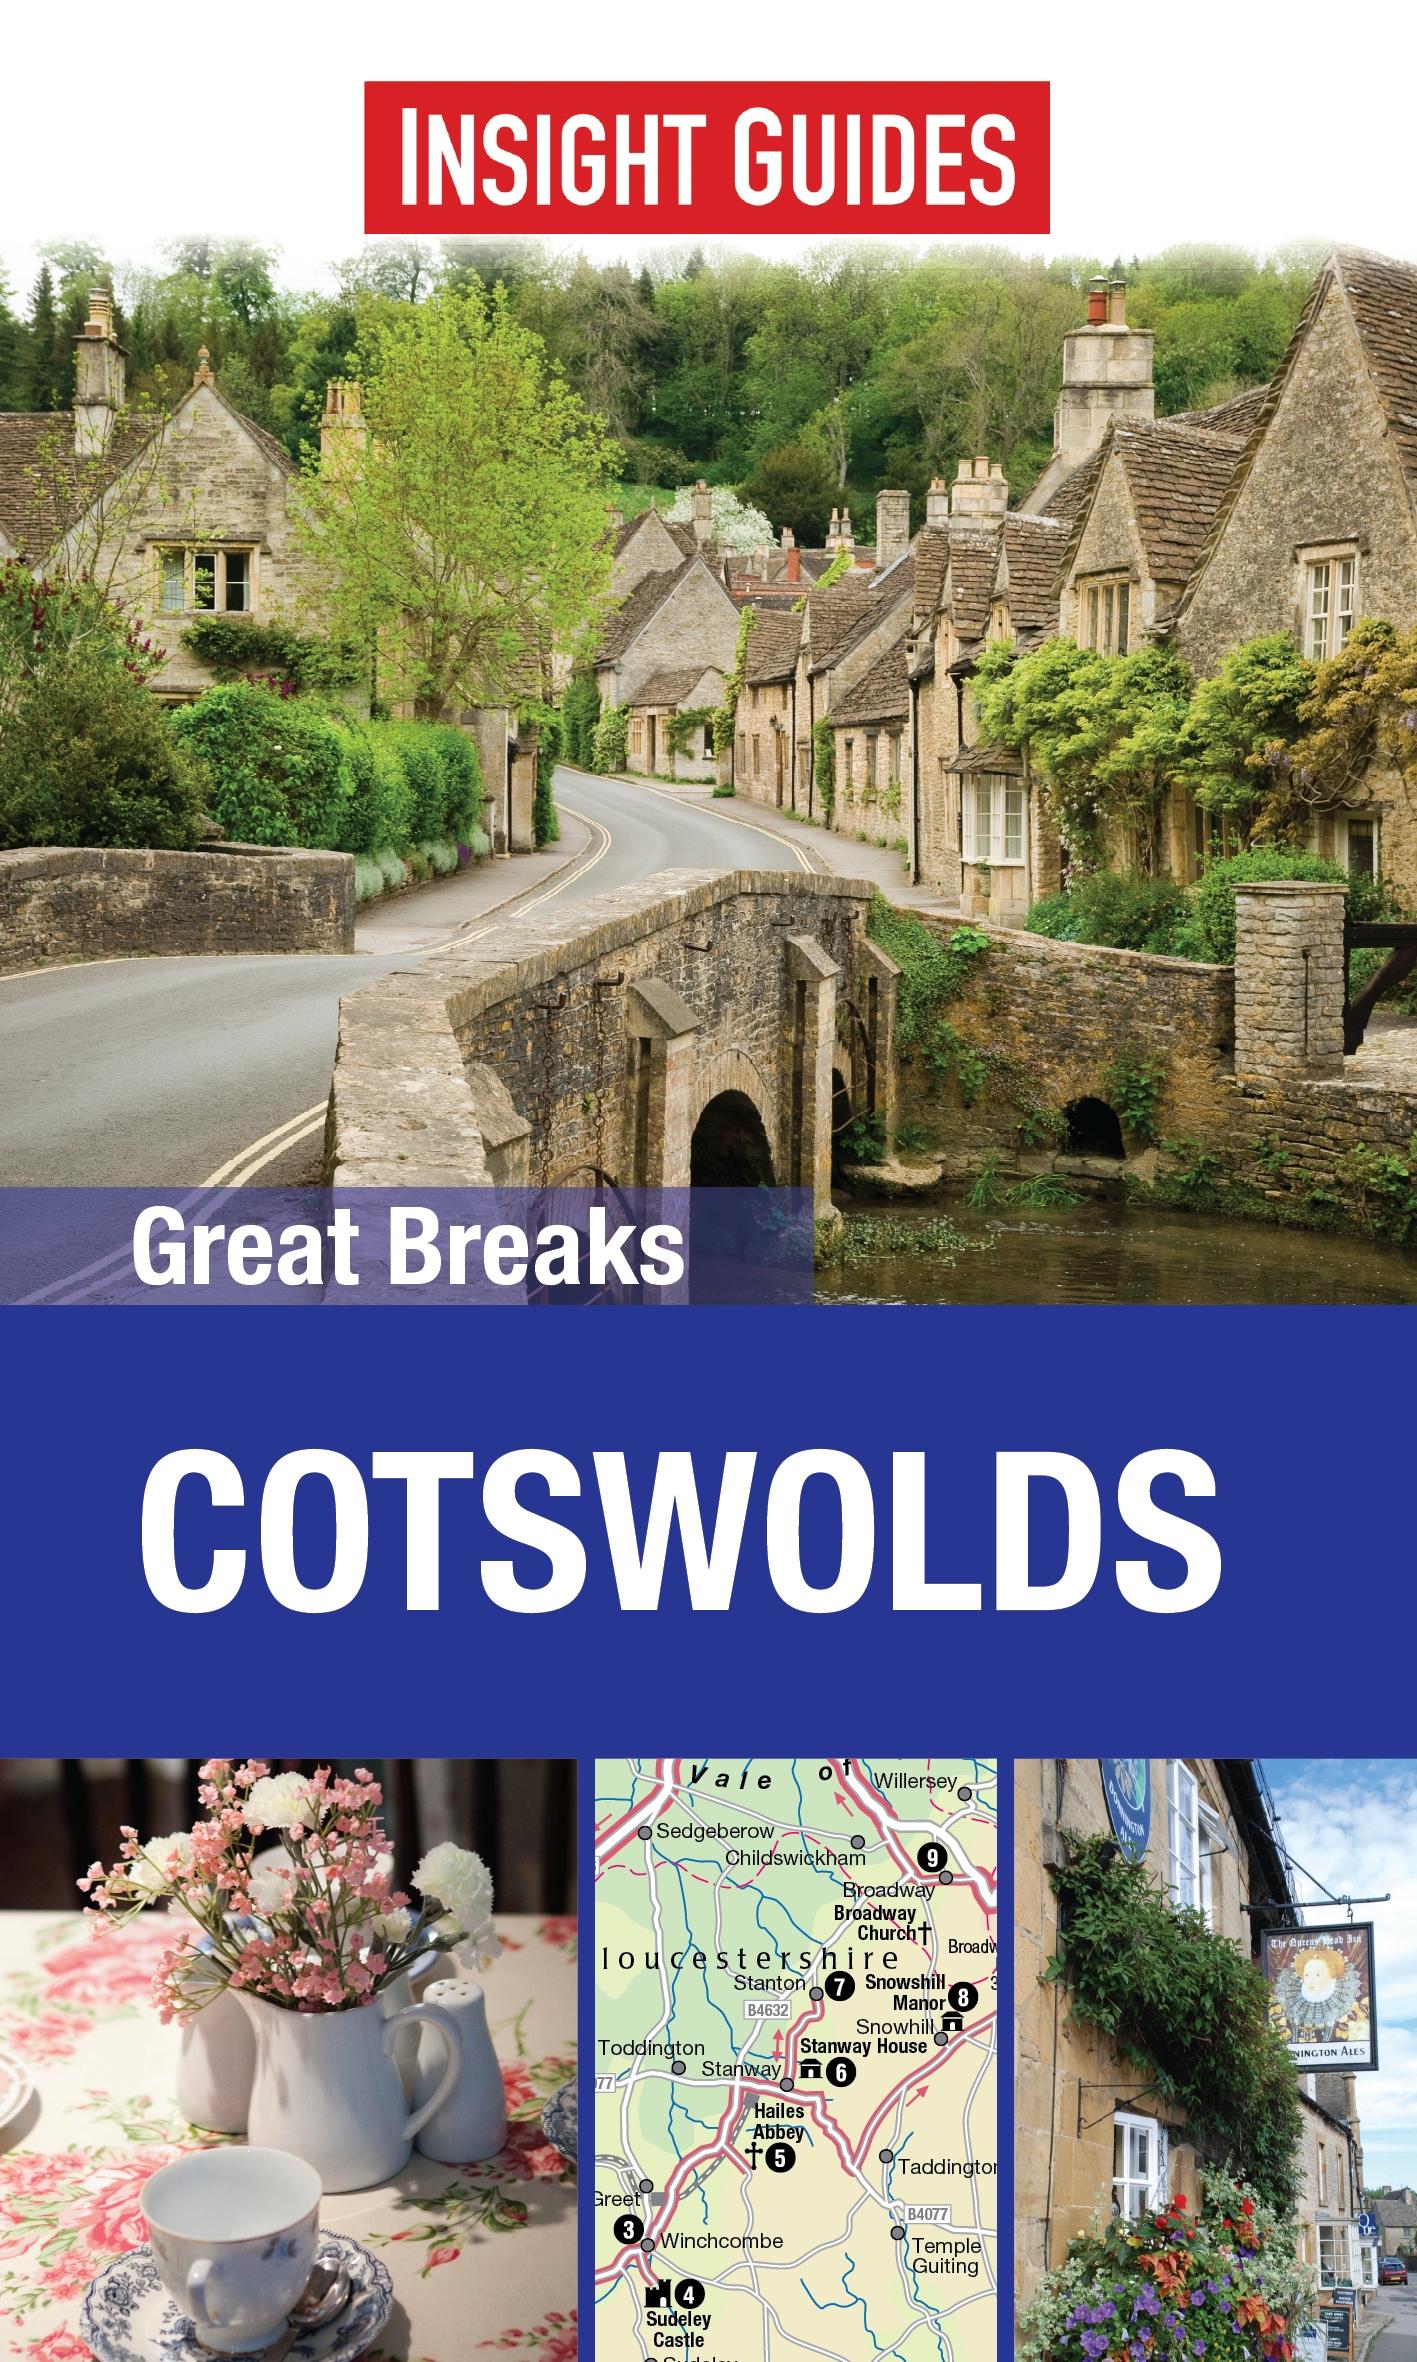 Great Breaks Cotswolds